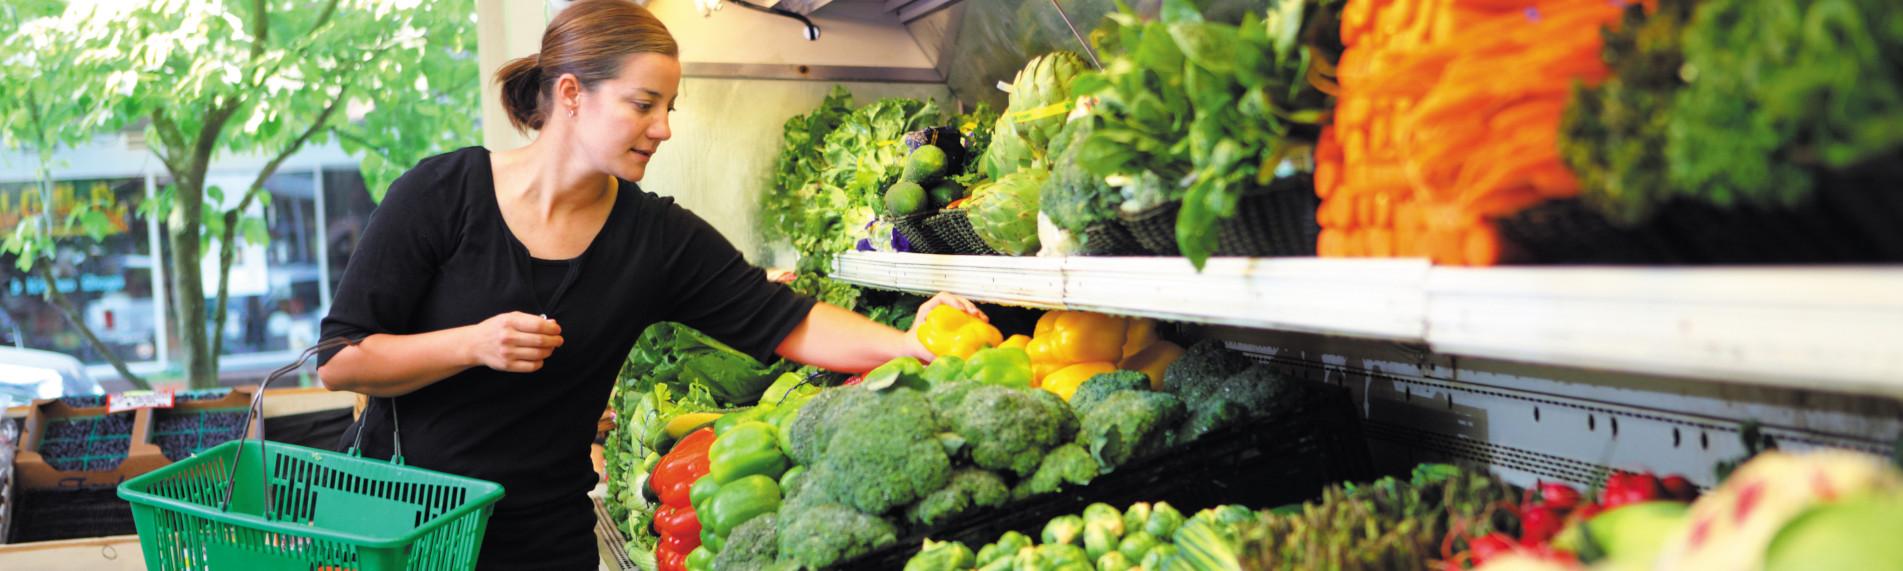 Upp till 30% lägre viktminskning för frukt och grönsaker